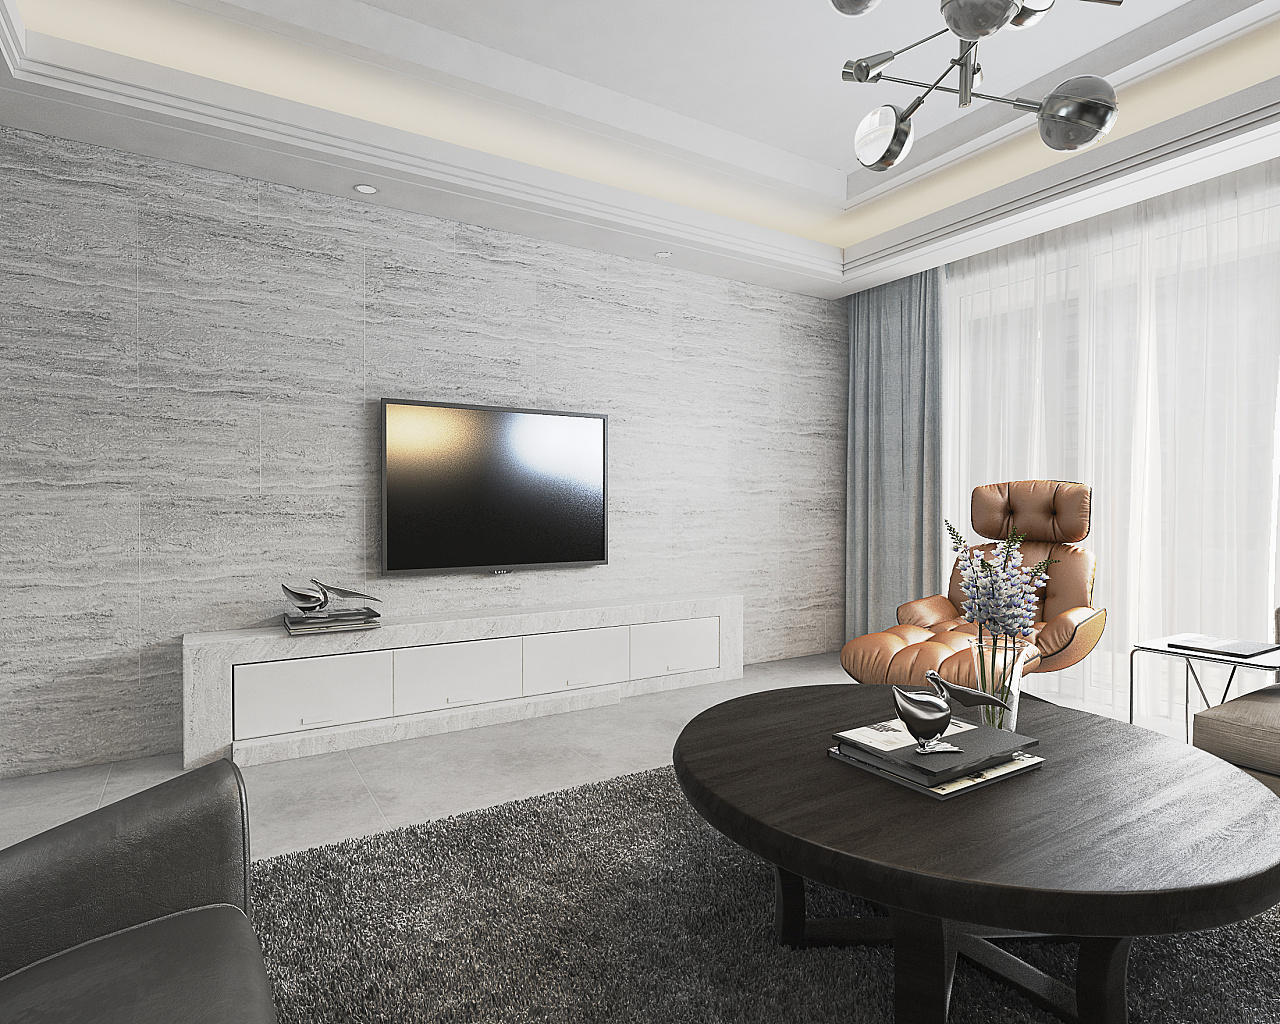 电视背景墙面积_现代黑白灰 / 住宅空间设计 空间 室内设计 六品设计 - 原创作品 ...